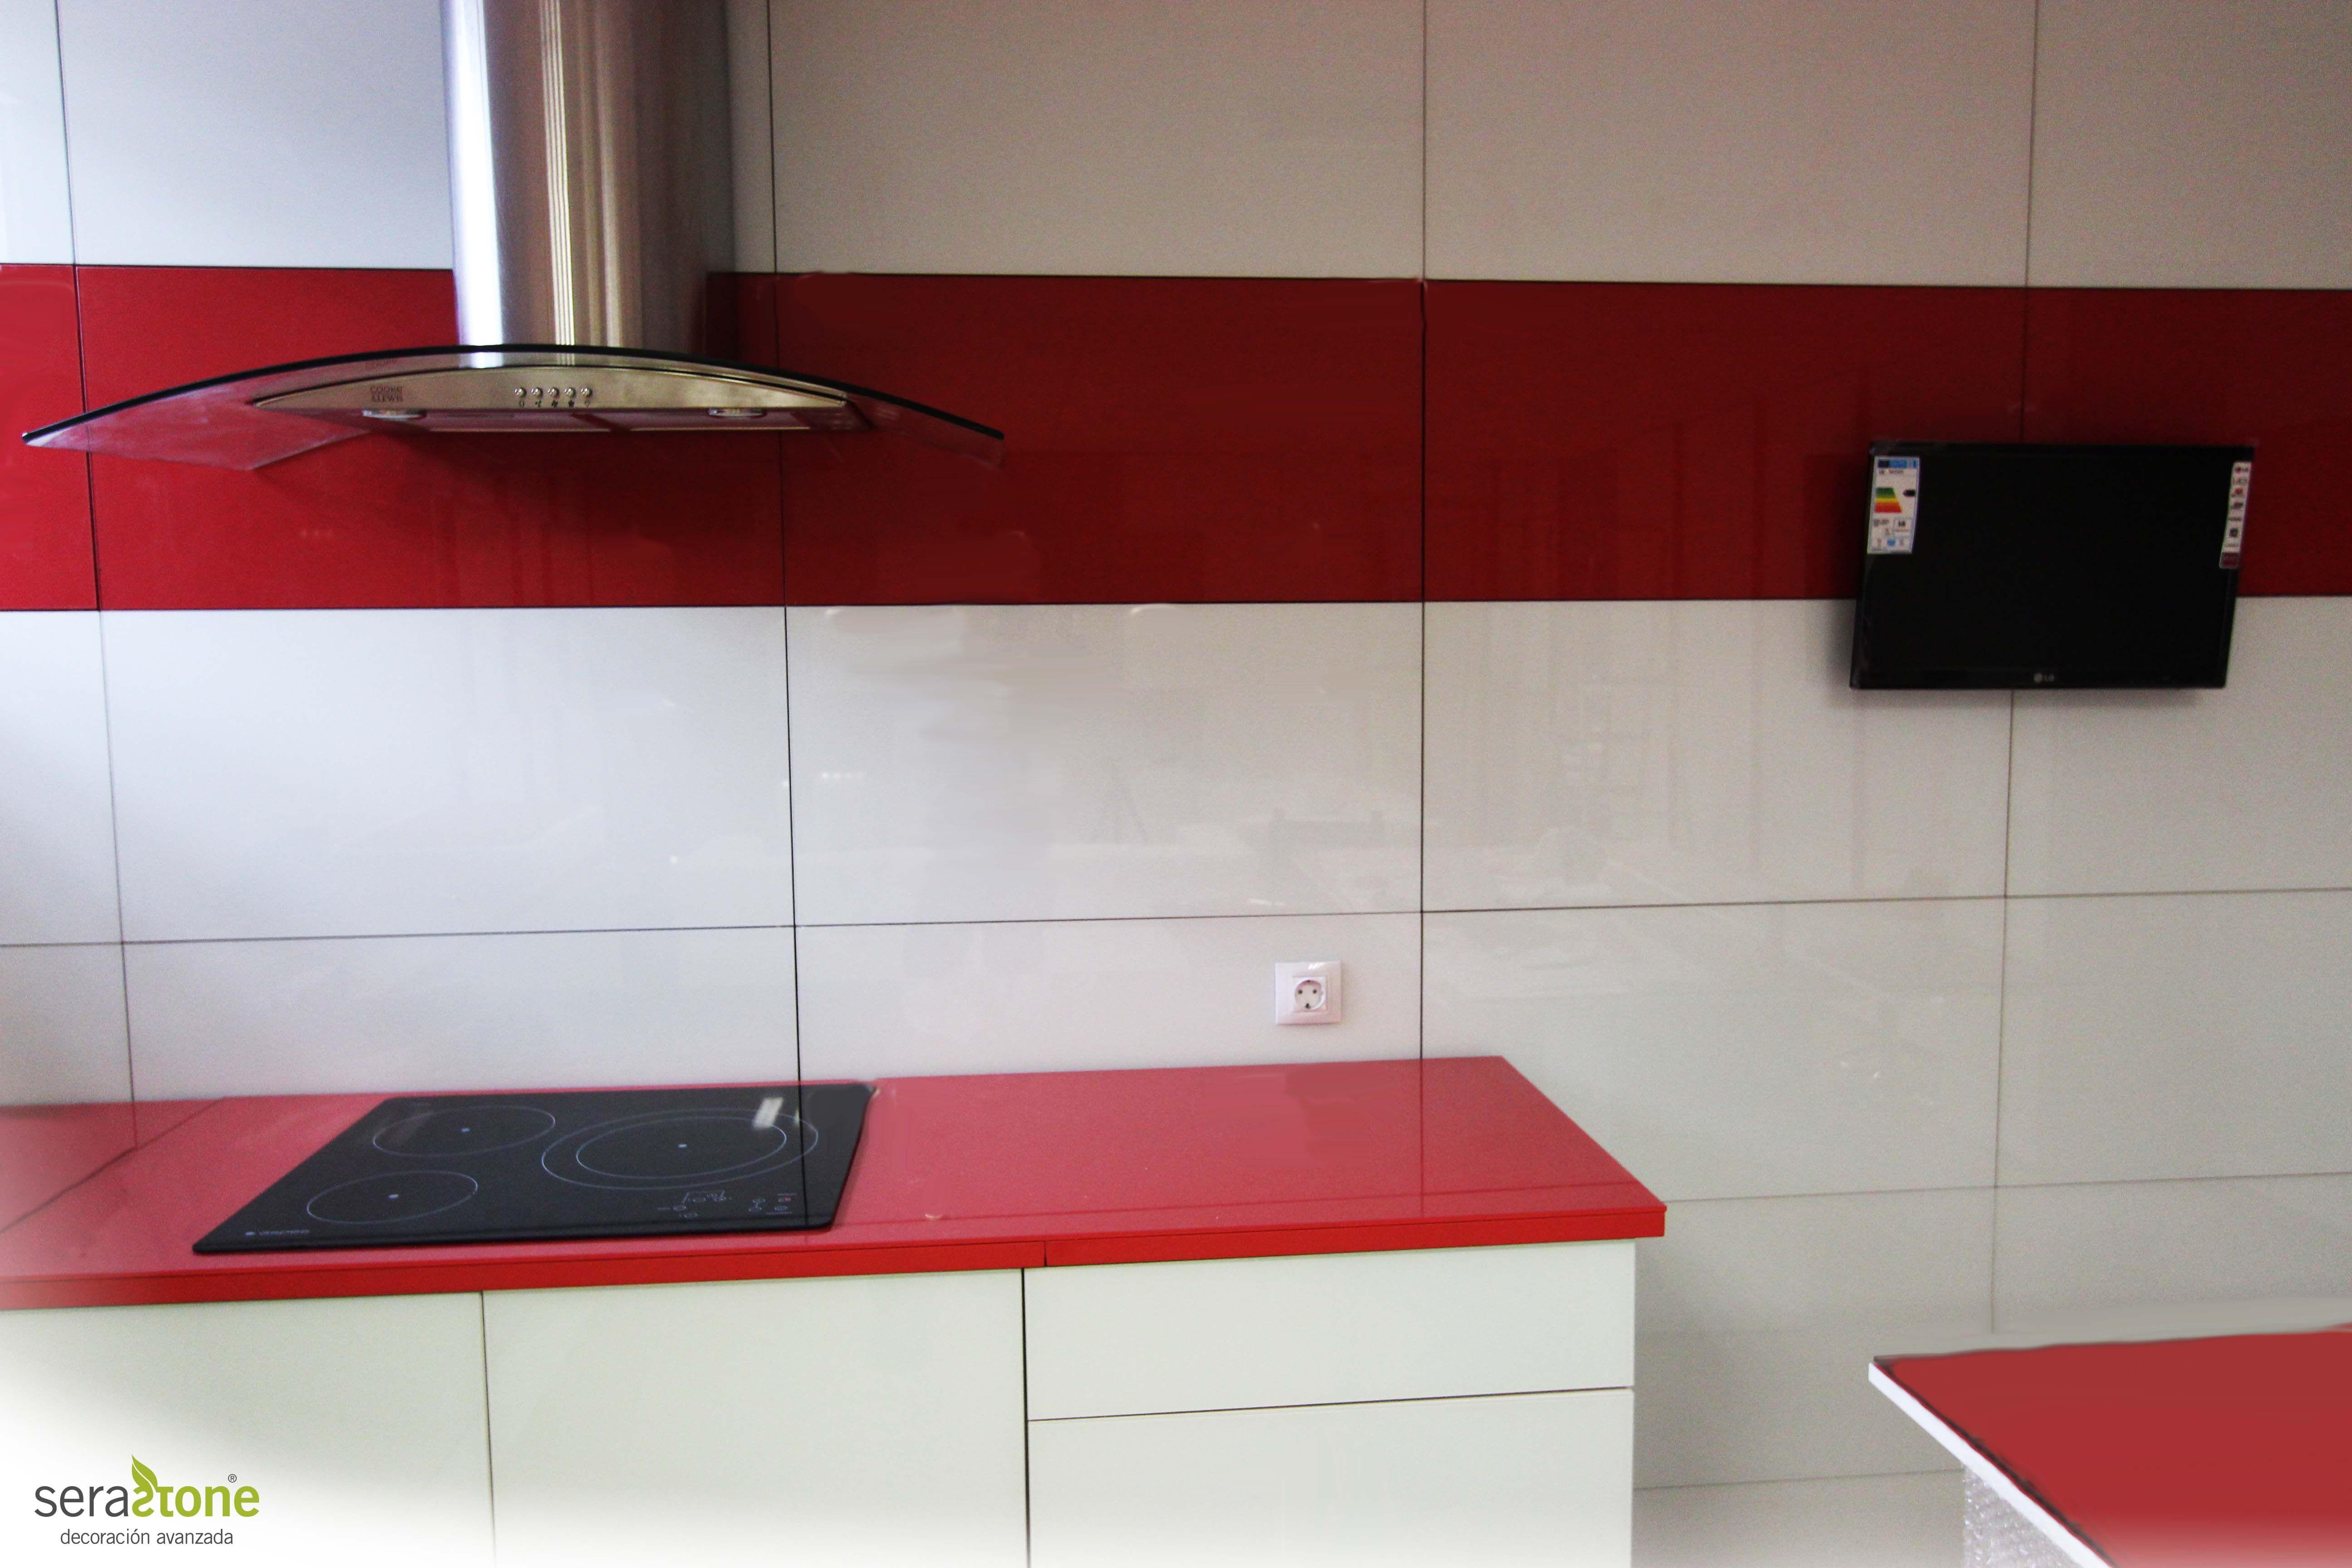 Revestimiento de pared para cocina con sistema serastone - Revestimientos paredes cocina ...